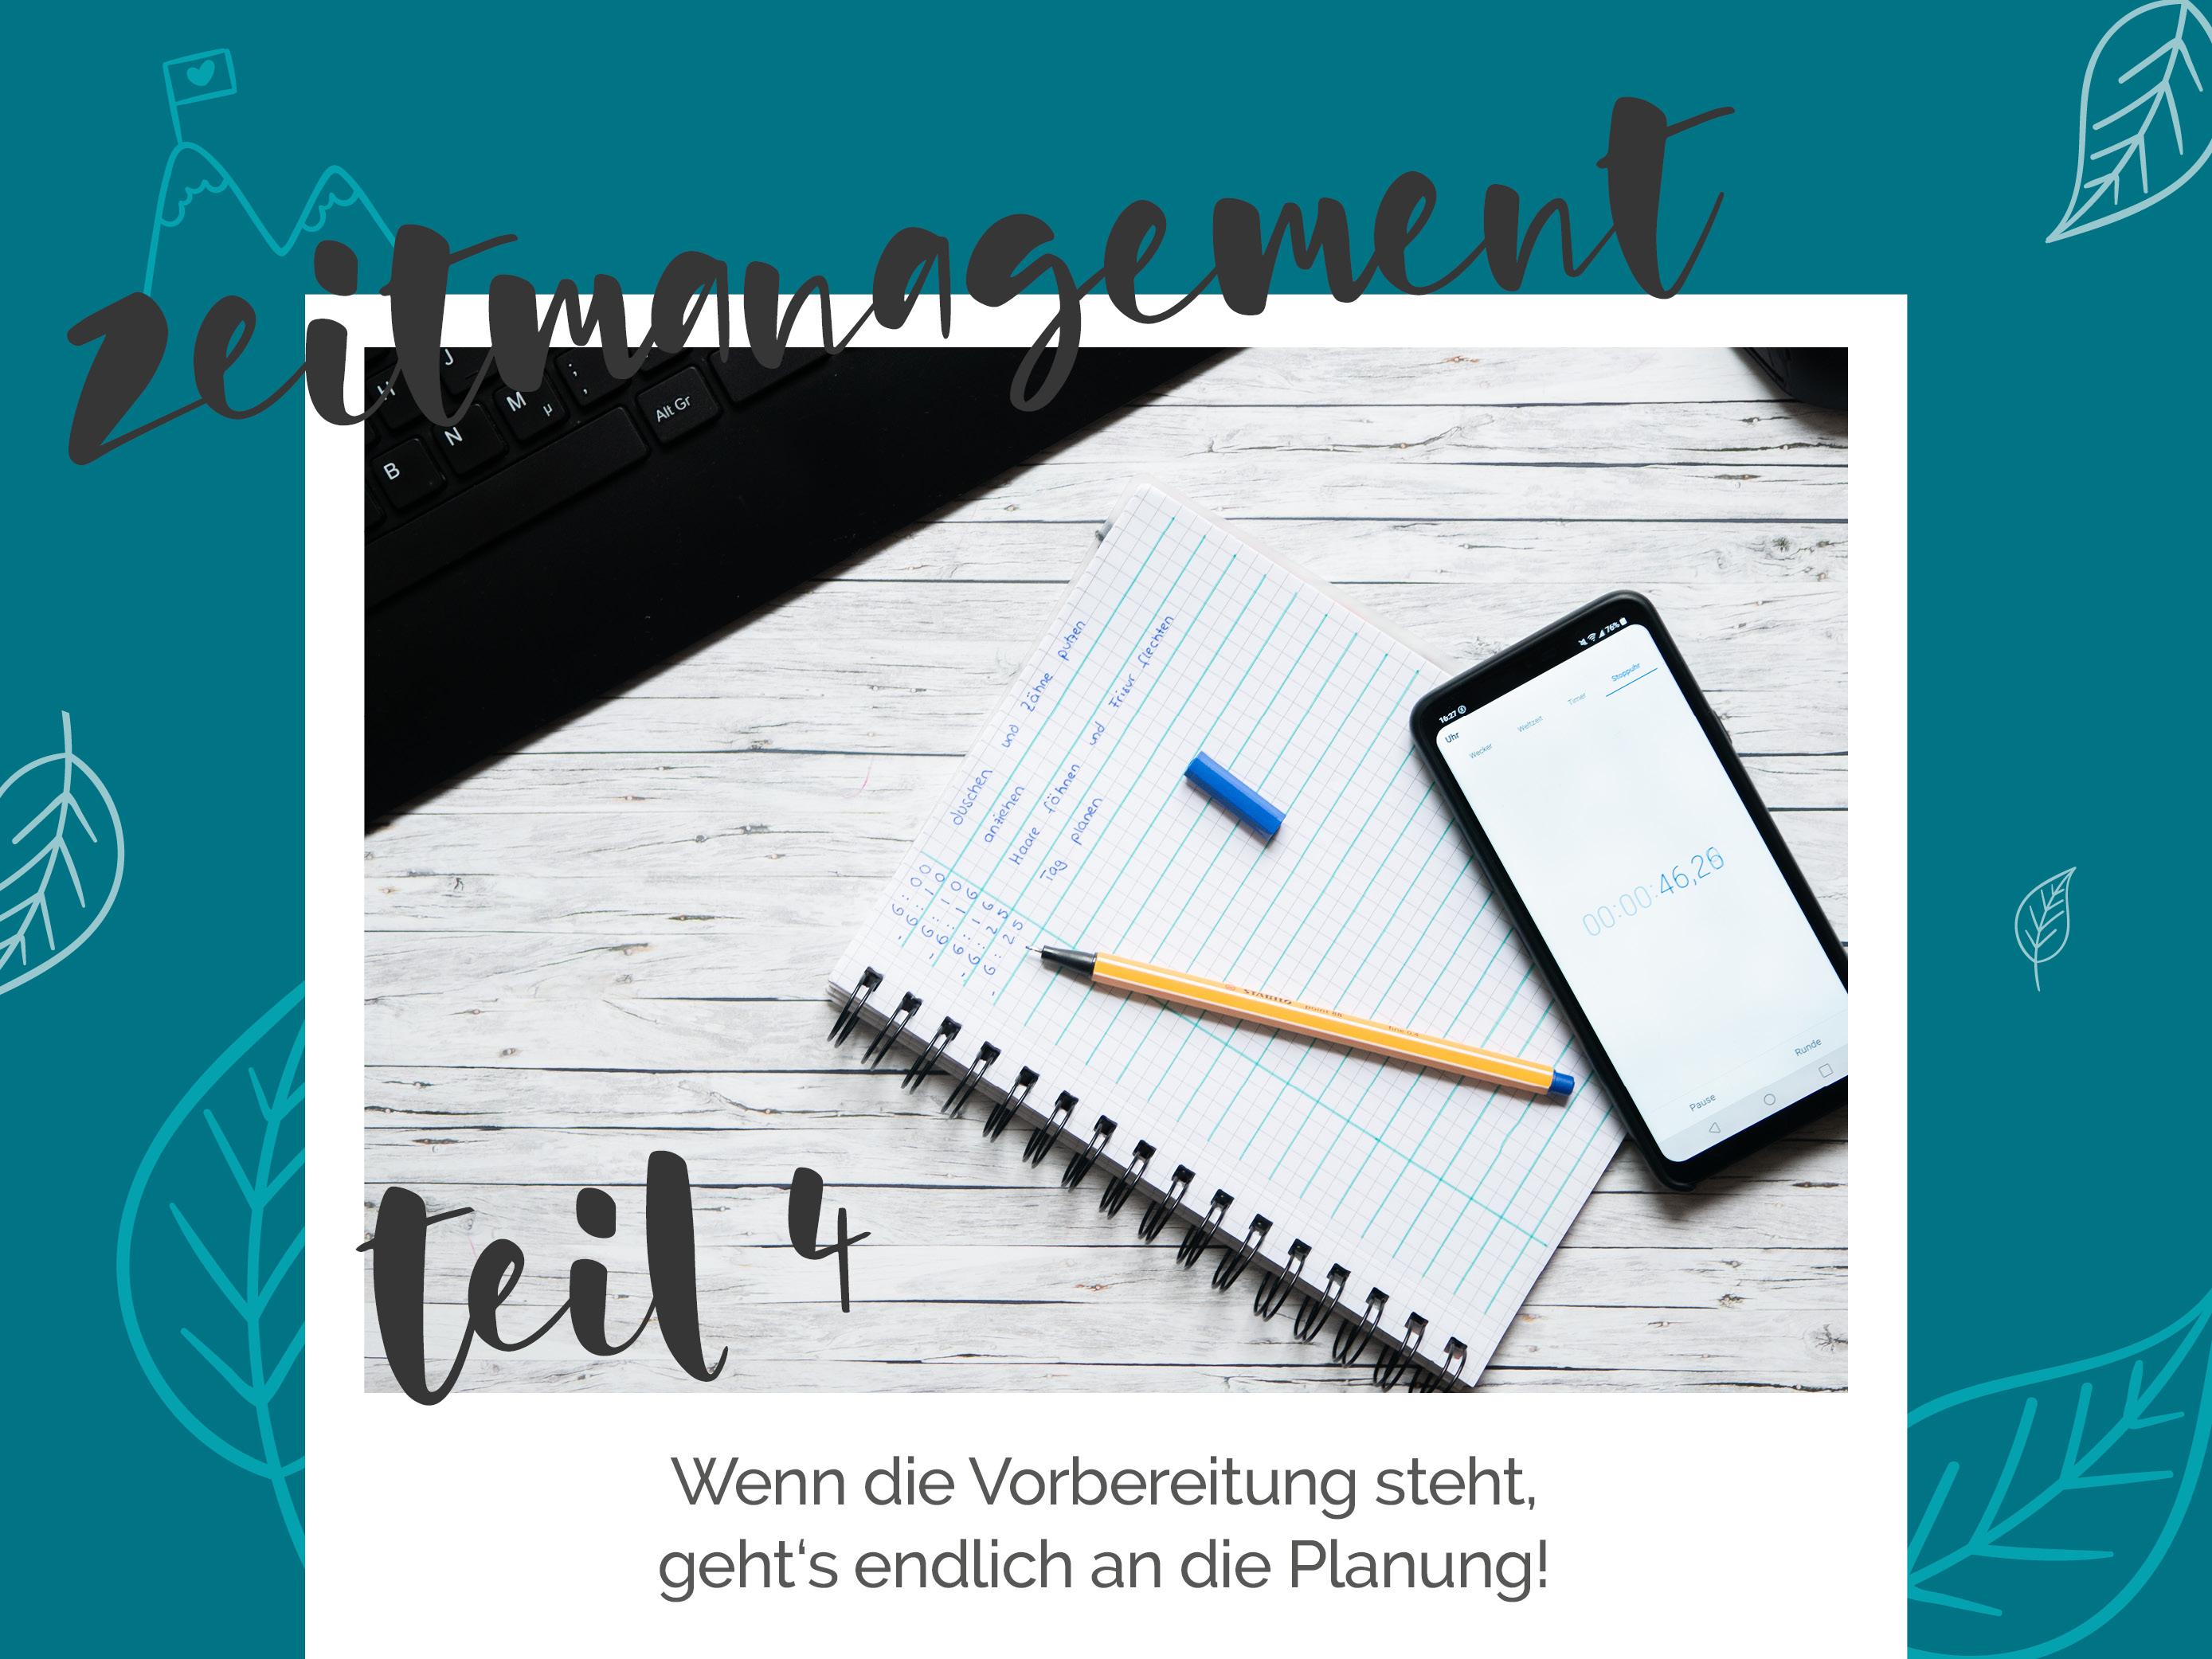 blauerEisberg_Zeitmanagement4_Planung